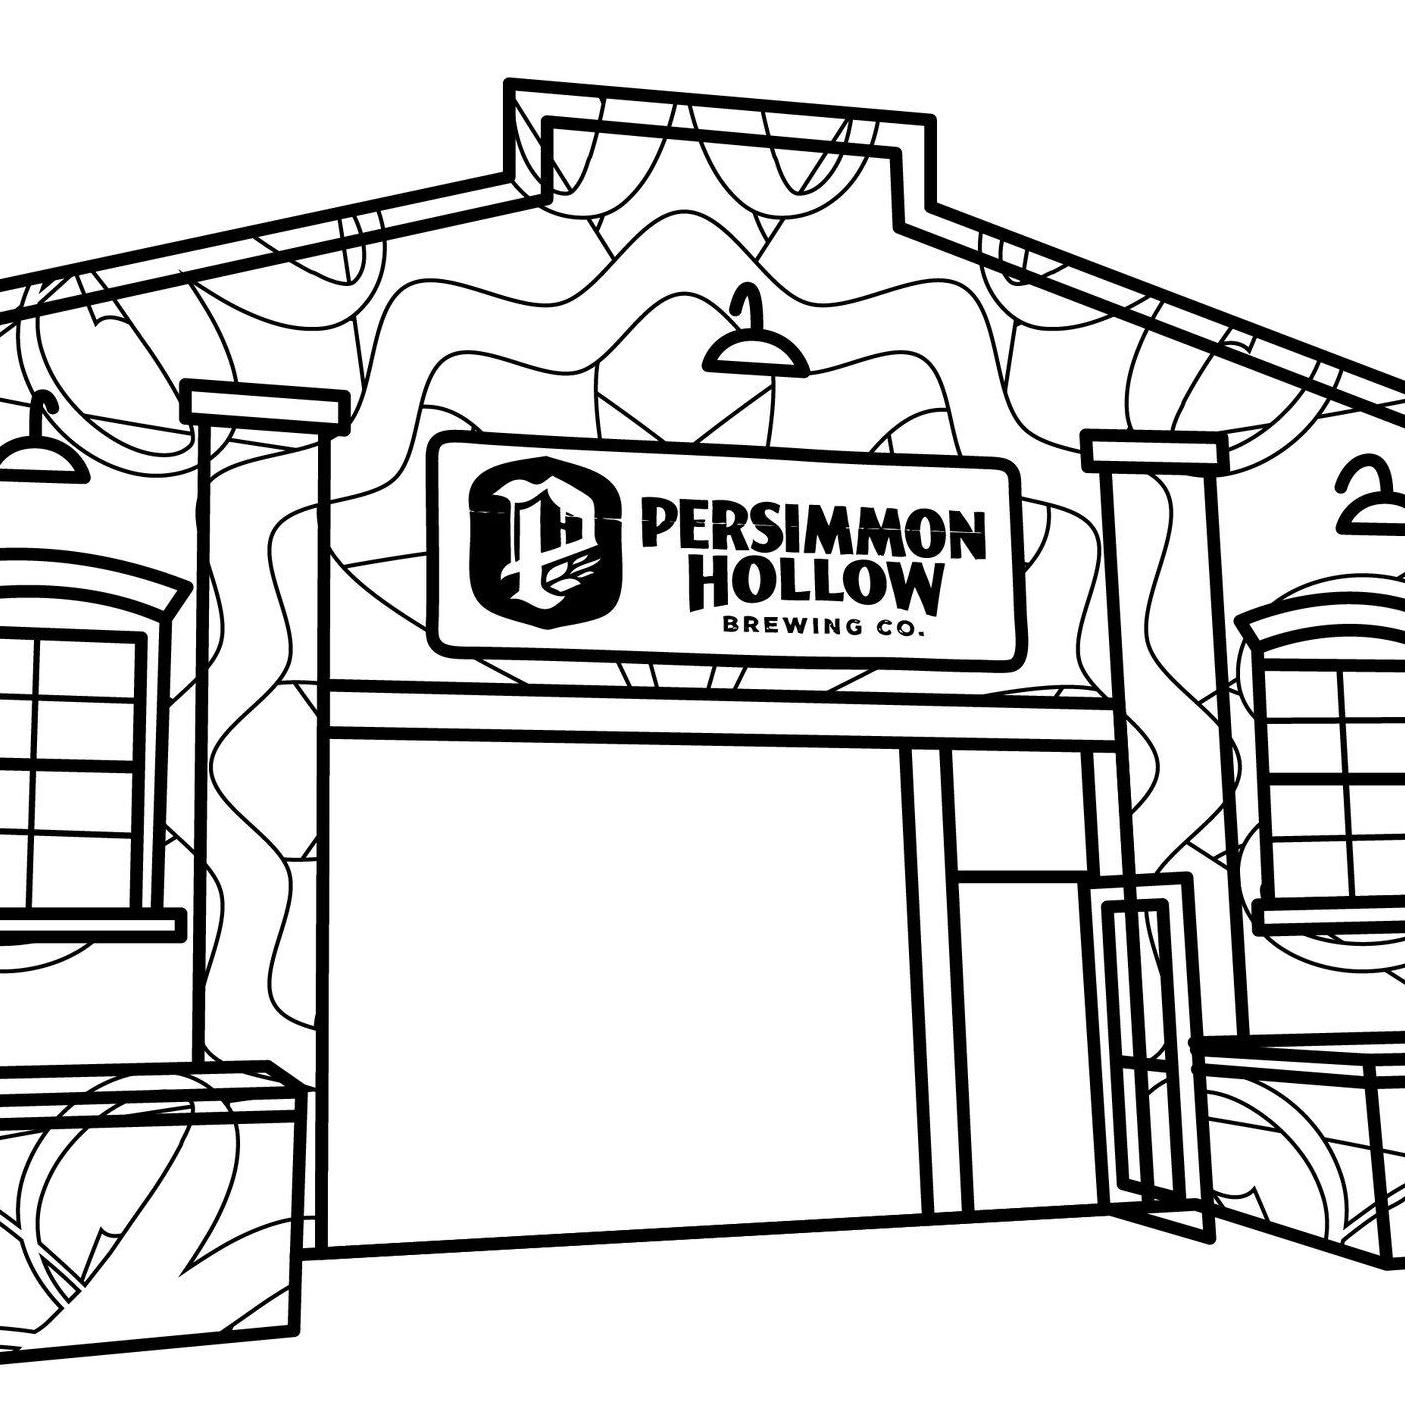 24 - Persimmon Hollow Brewing Companyai-01.jpg